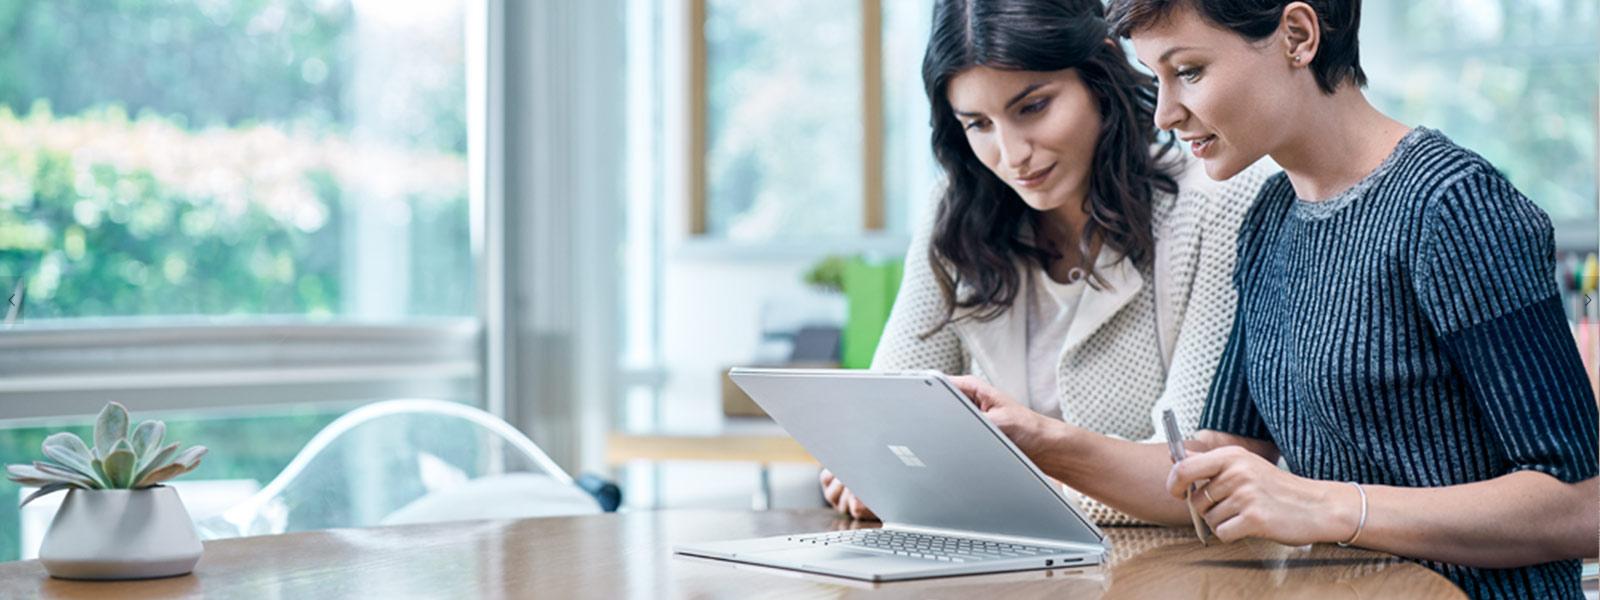 Surface Studioをペンとタッチ操作でズームしながら使っている女性